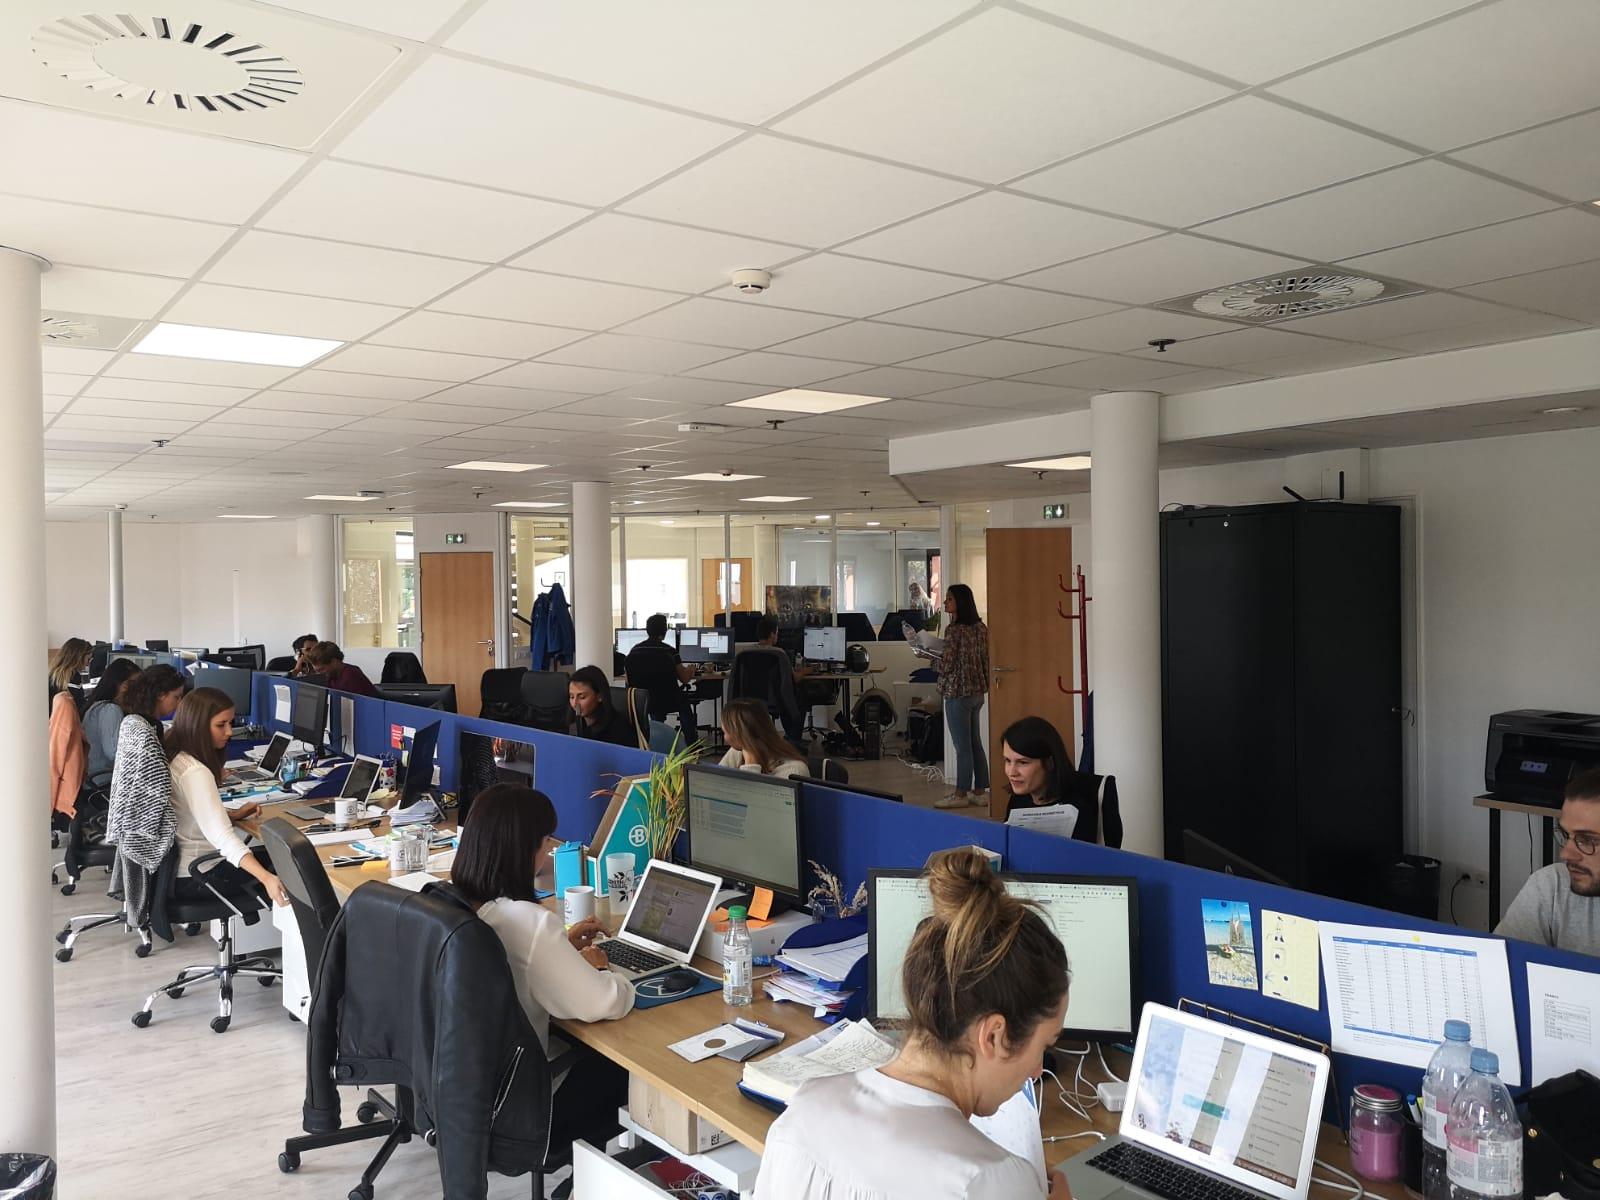 bureaux Blue Valet